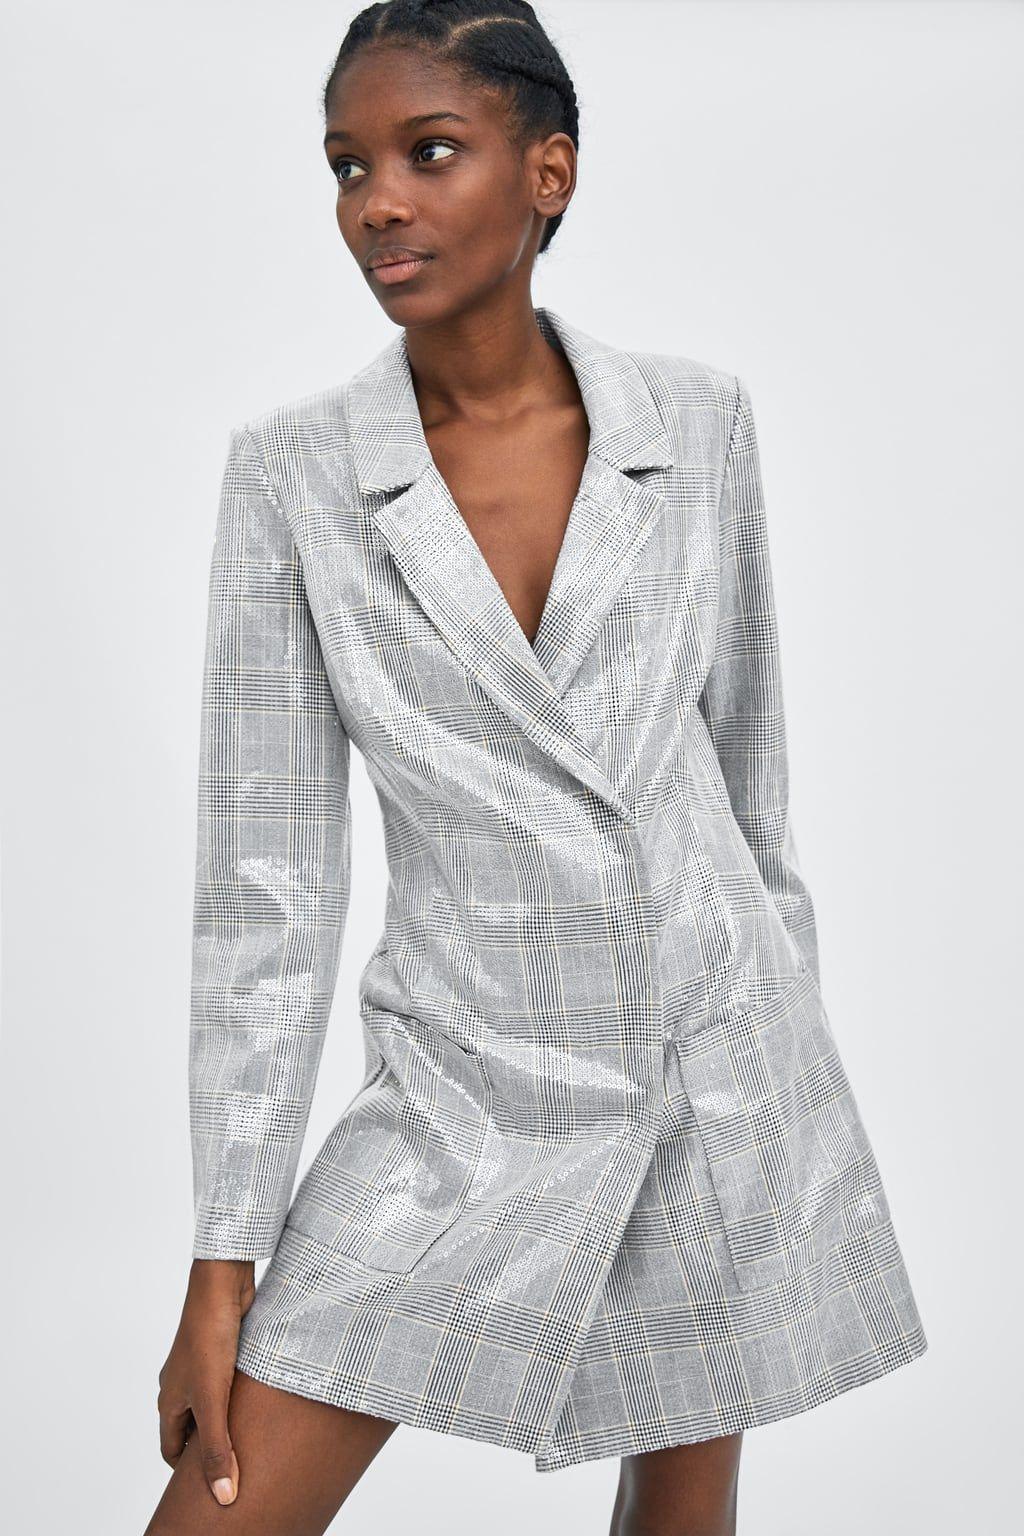 Vestido blazer lentejuelas | Lentejuelas, Vestidos y Zara